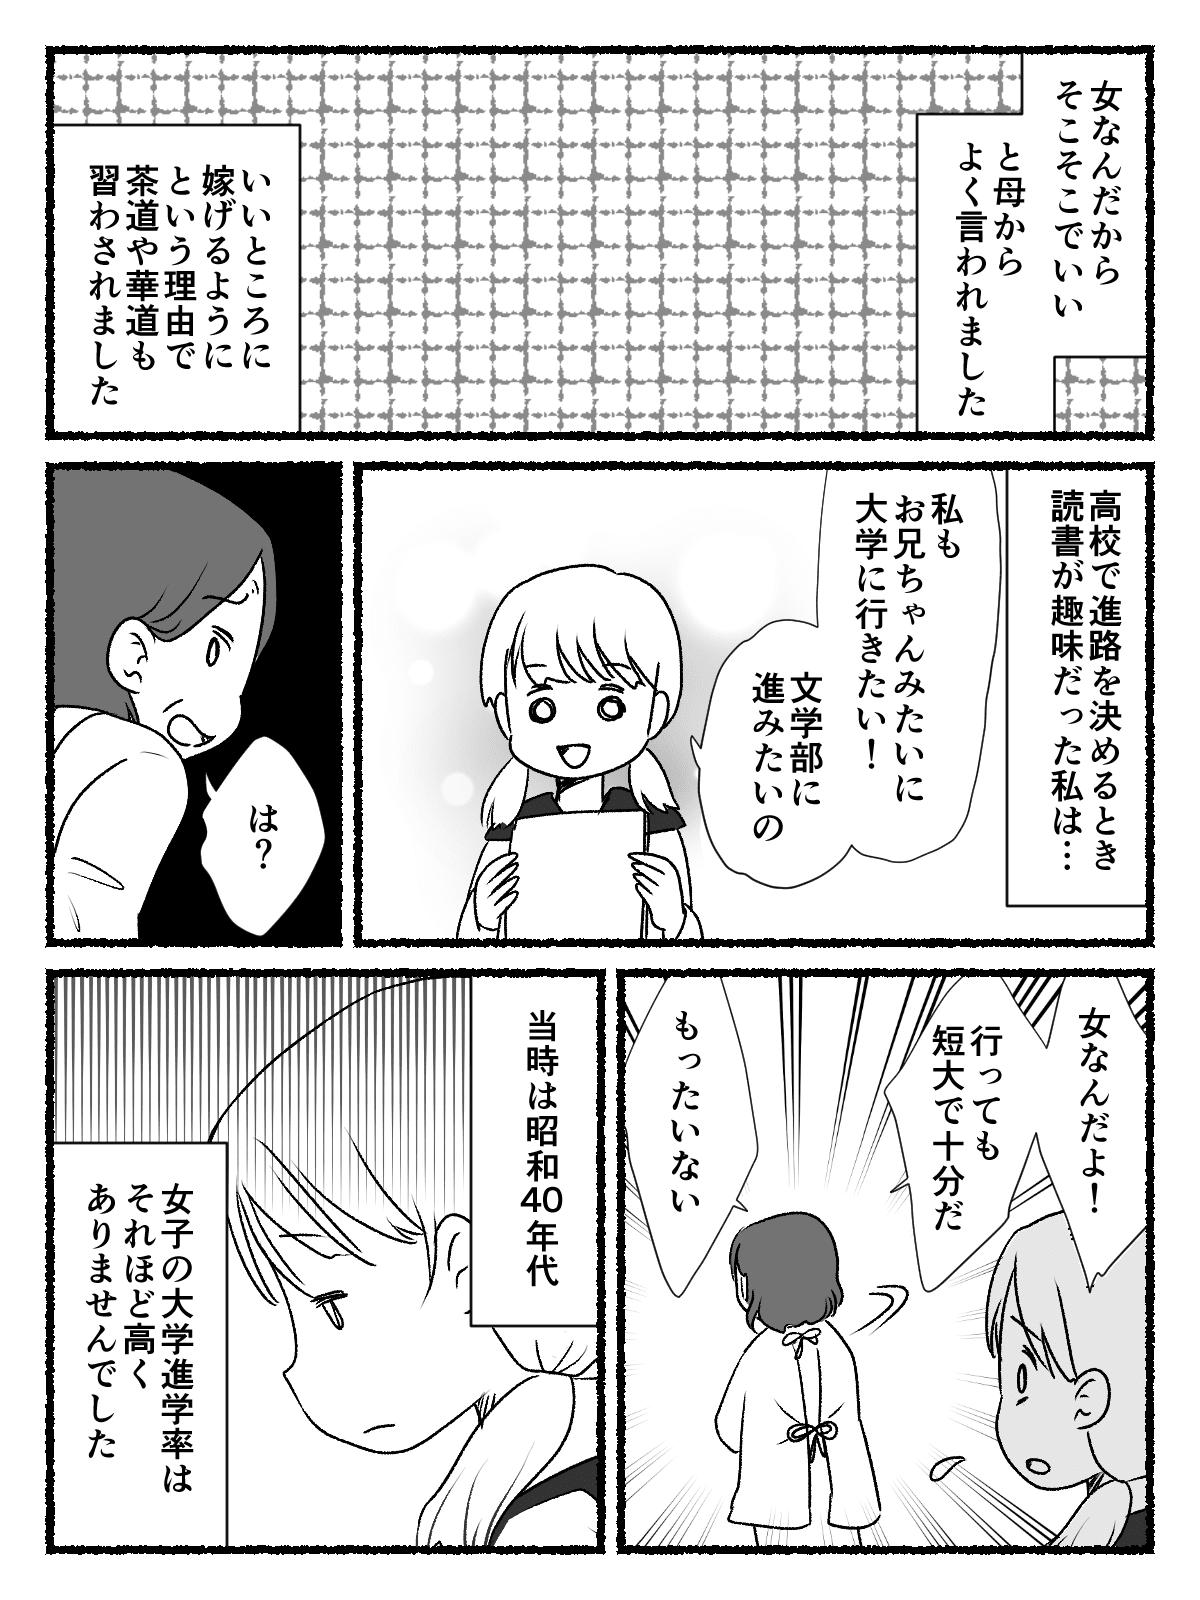 「女なんだから_002 (1)